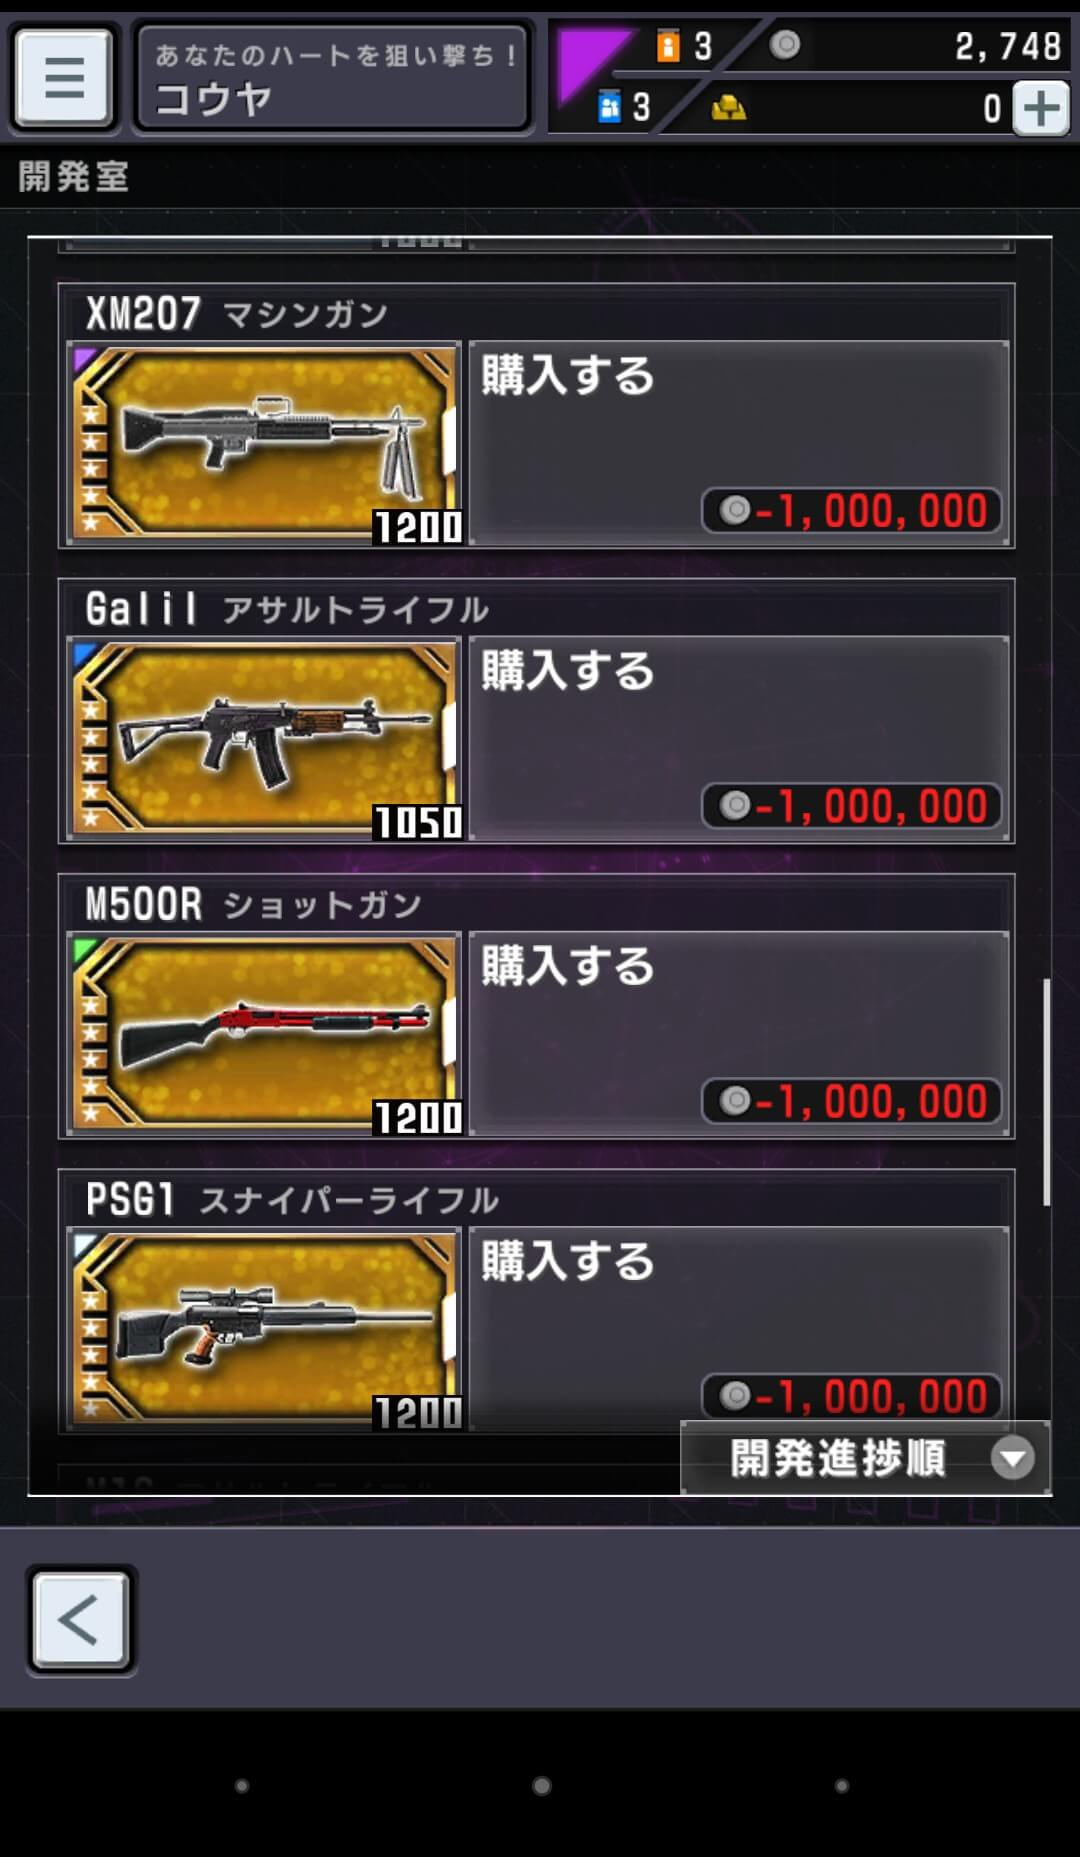 様々な銃火器を購入できる開発室の画面です。